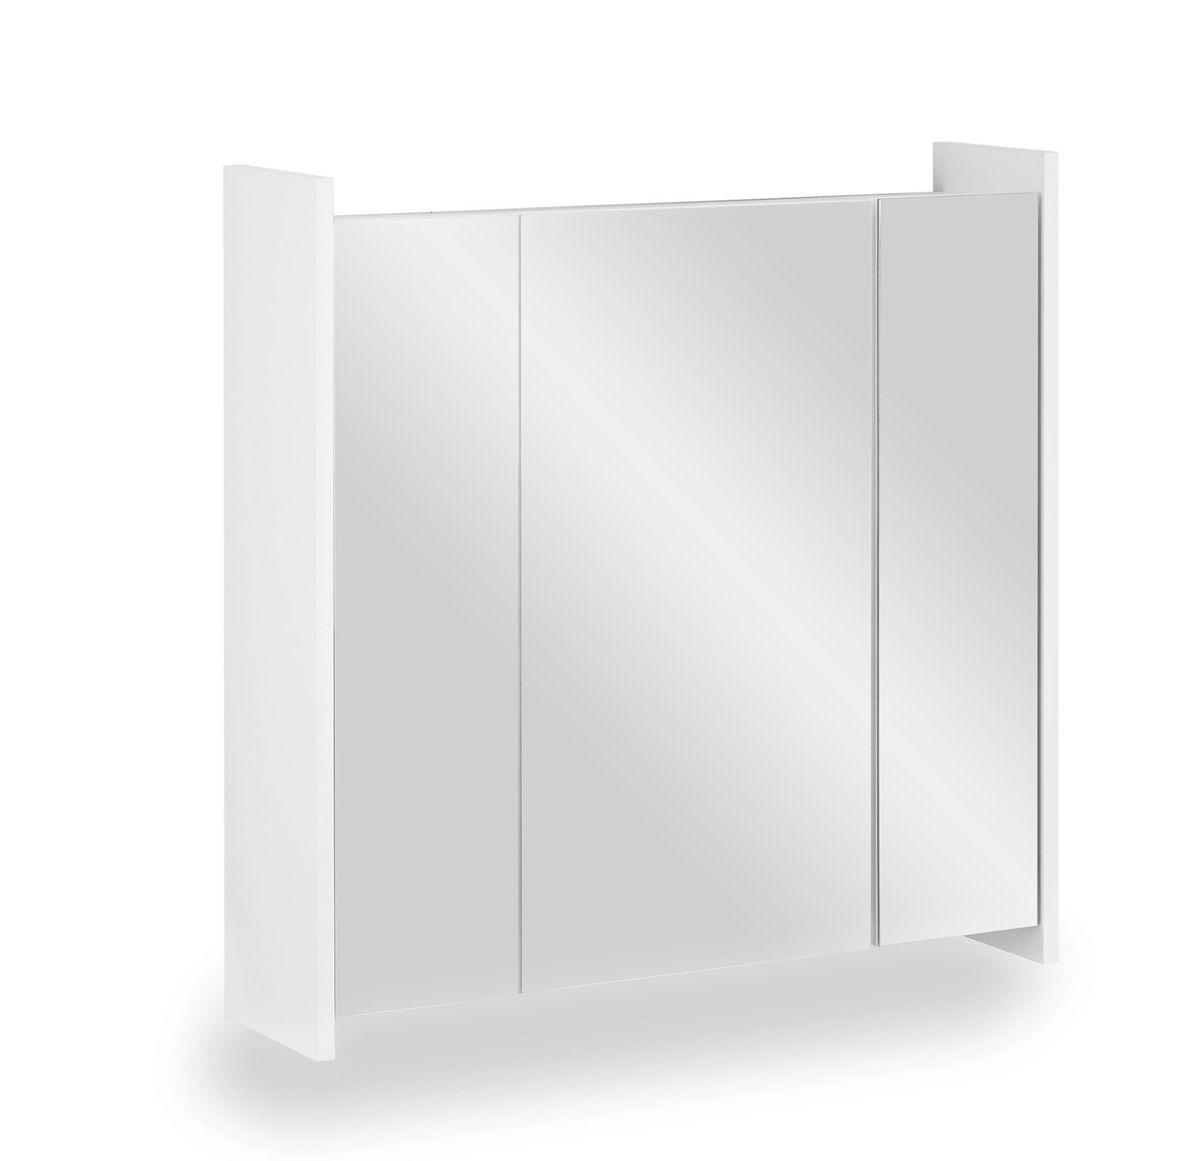 Spiegelschrank frosti 70 cm wei for Spiegelschrank 70